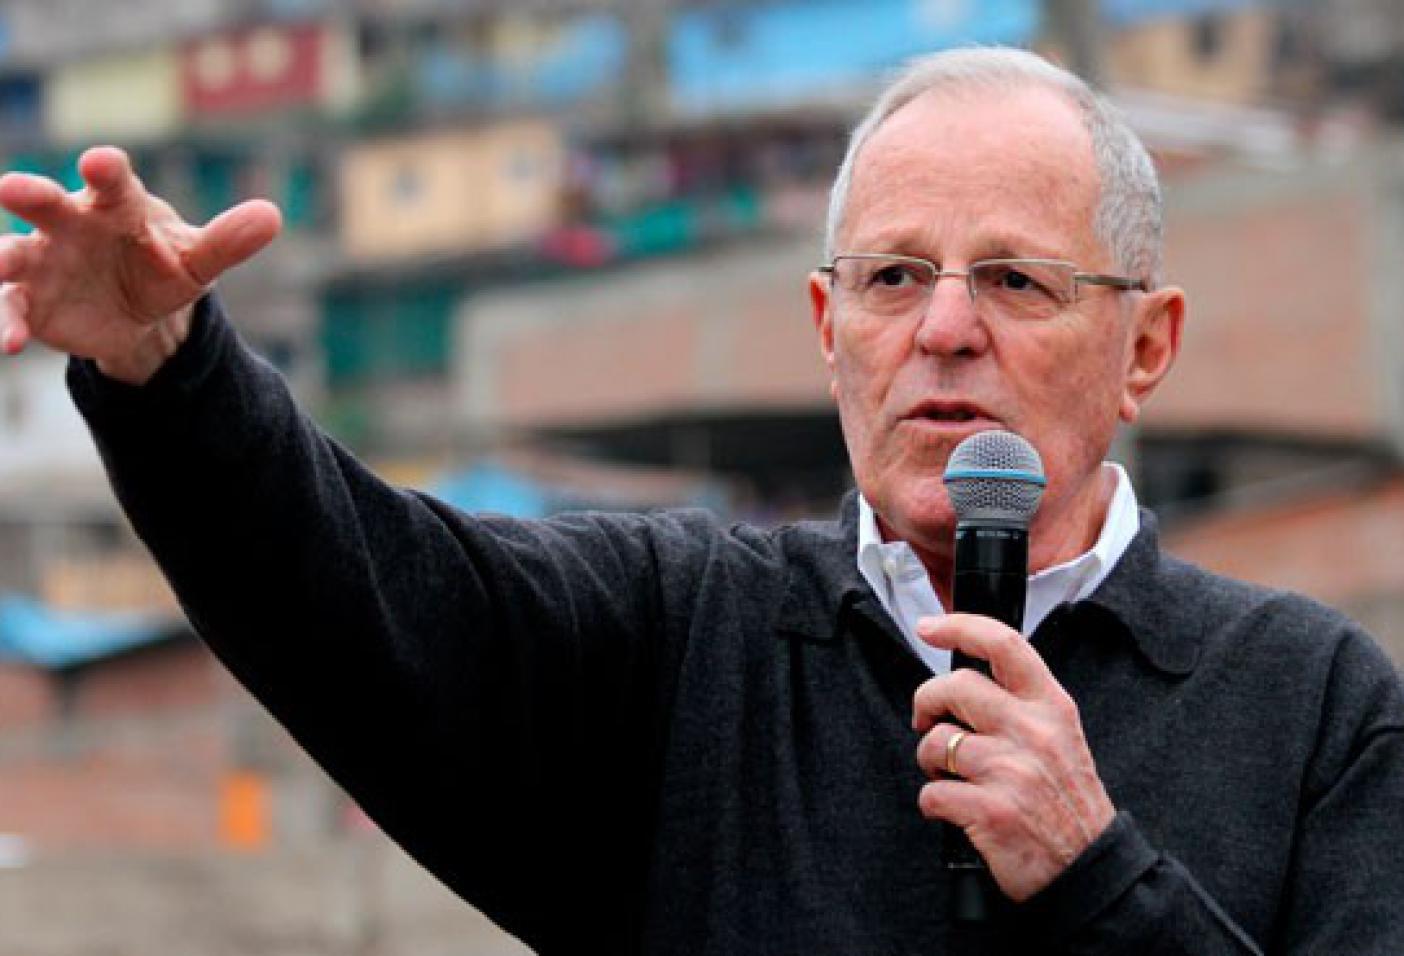 Noticias de ultimo minuto: Fallece Pedro Pablo el representante de PPK.